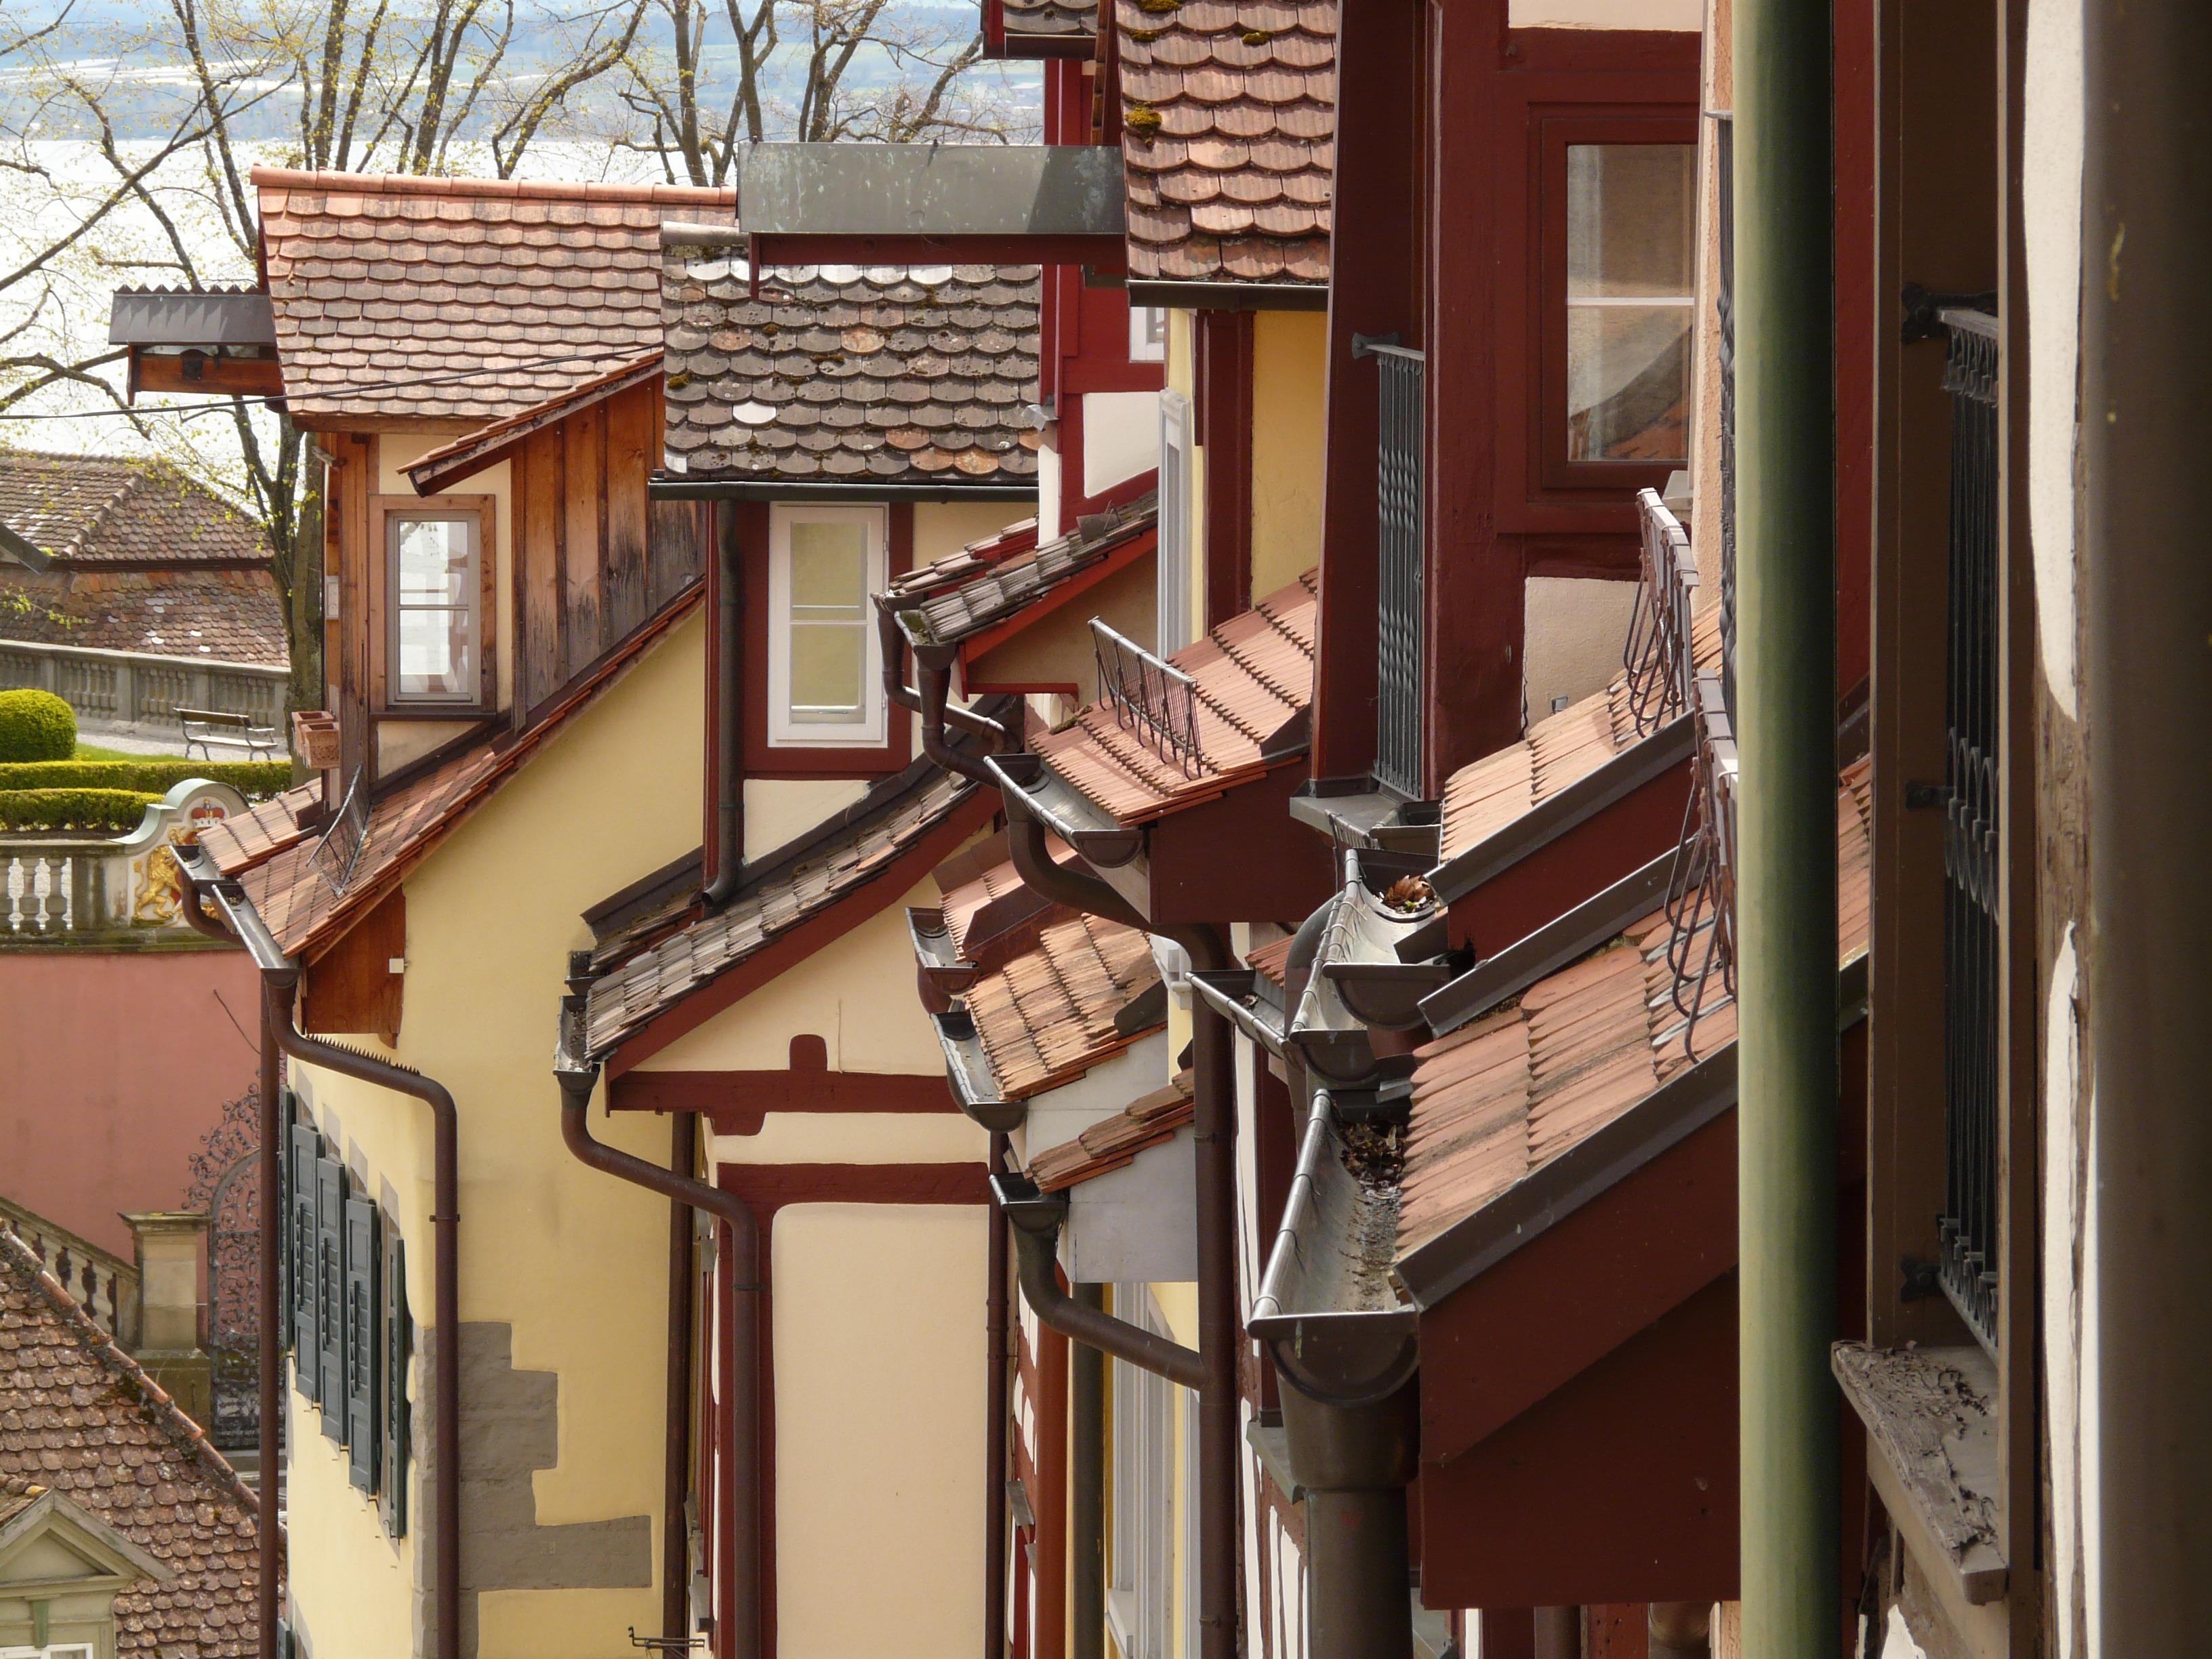 Gratis afbeeldingen : architectuur hout huis venster gebouw